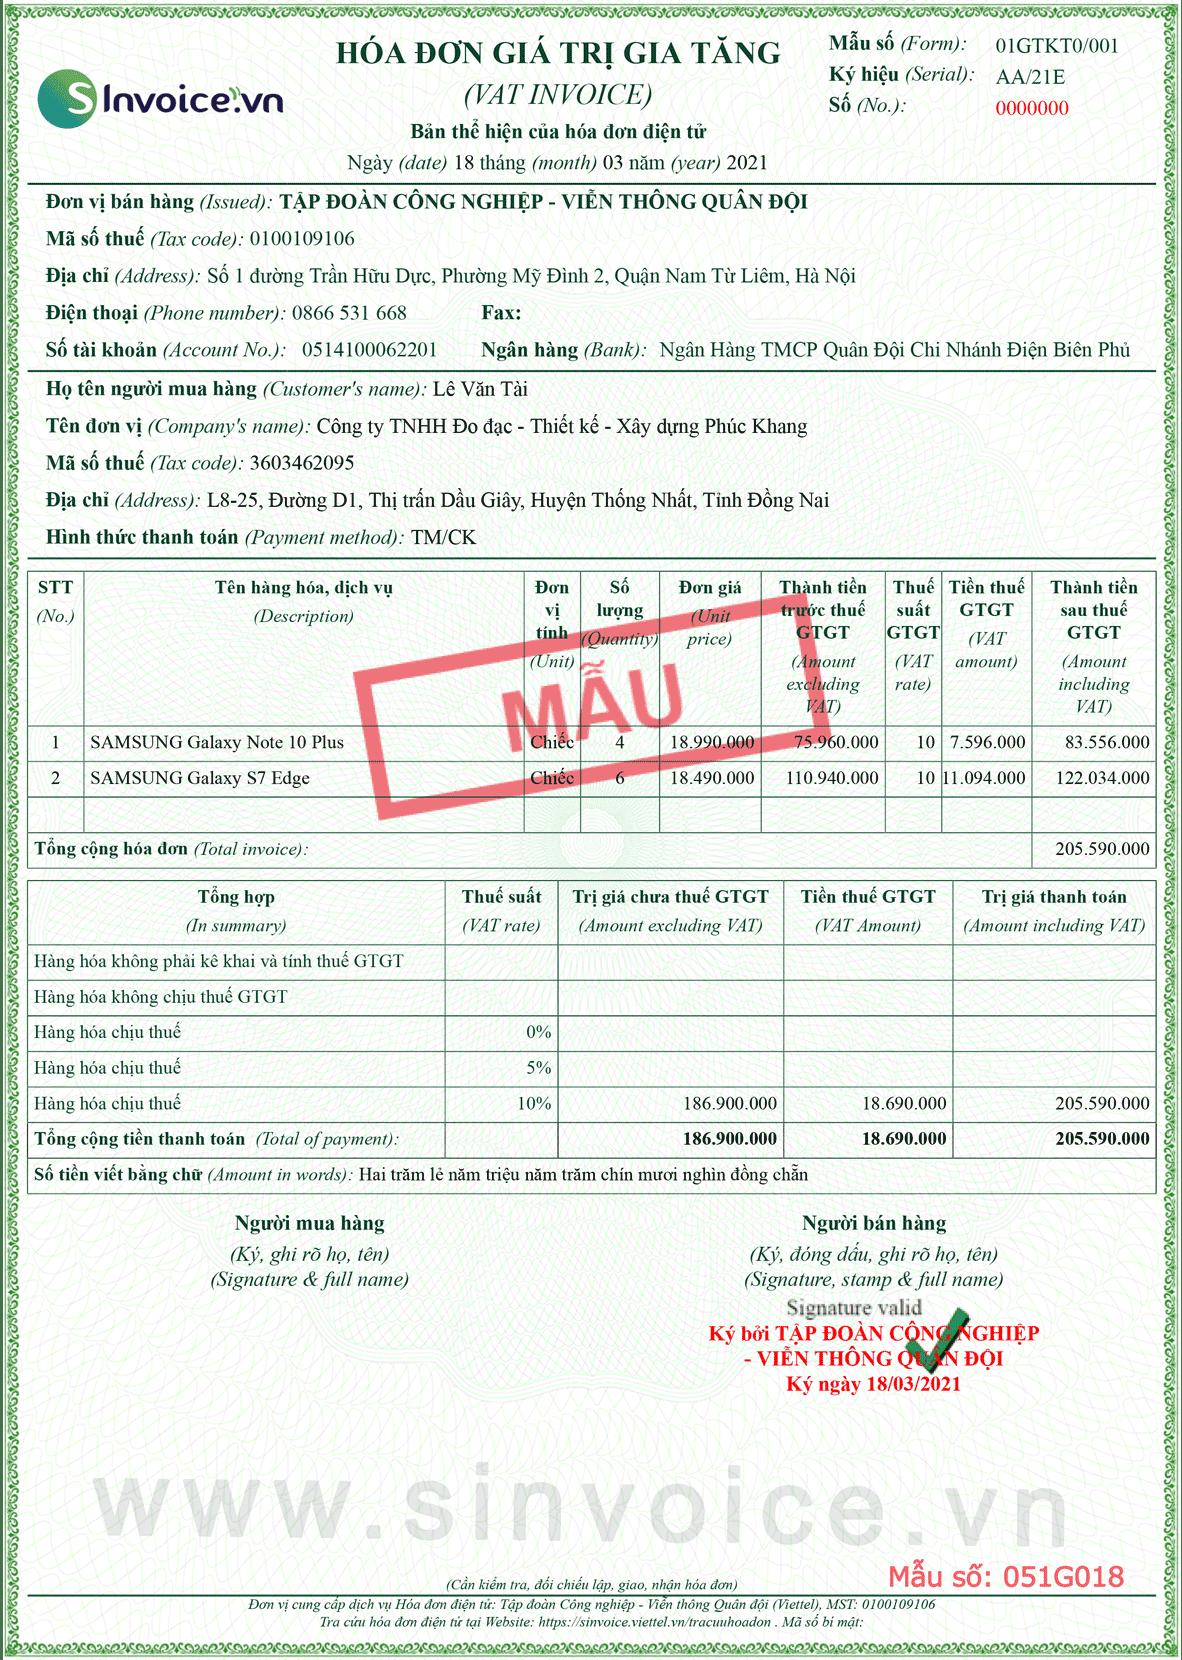 Mẫu hóa đơn điện tử số 051G018